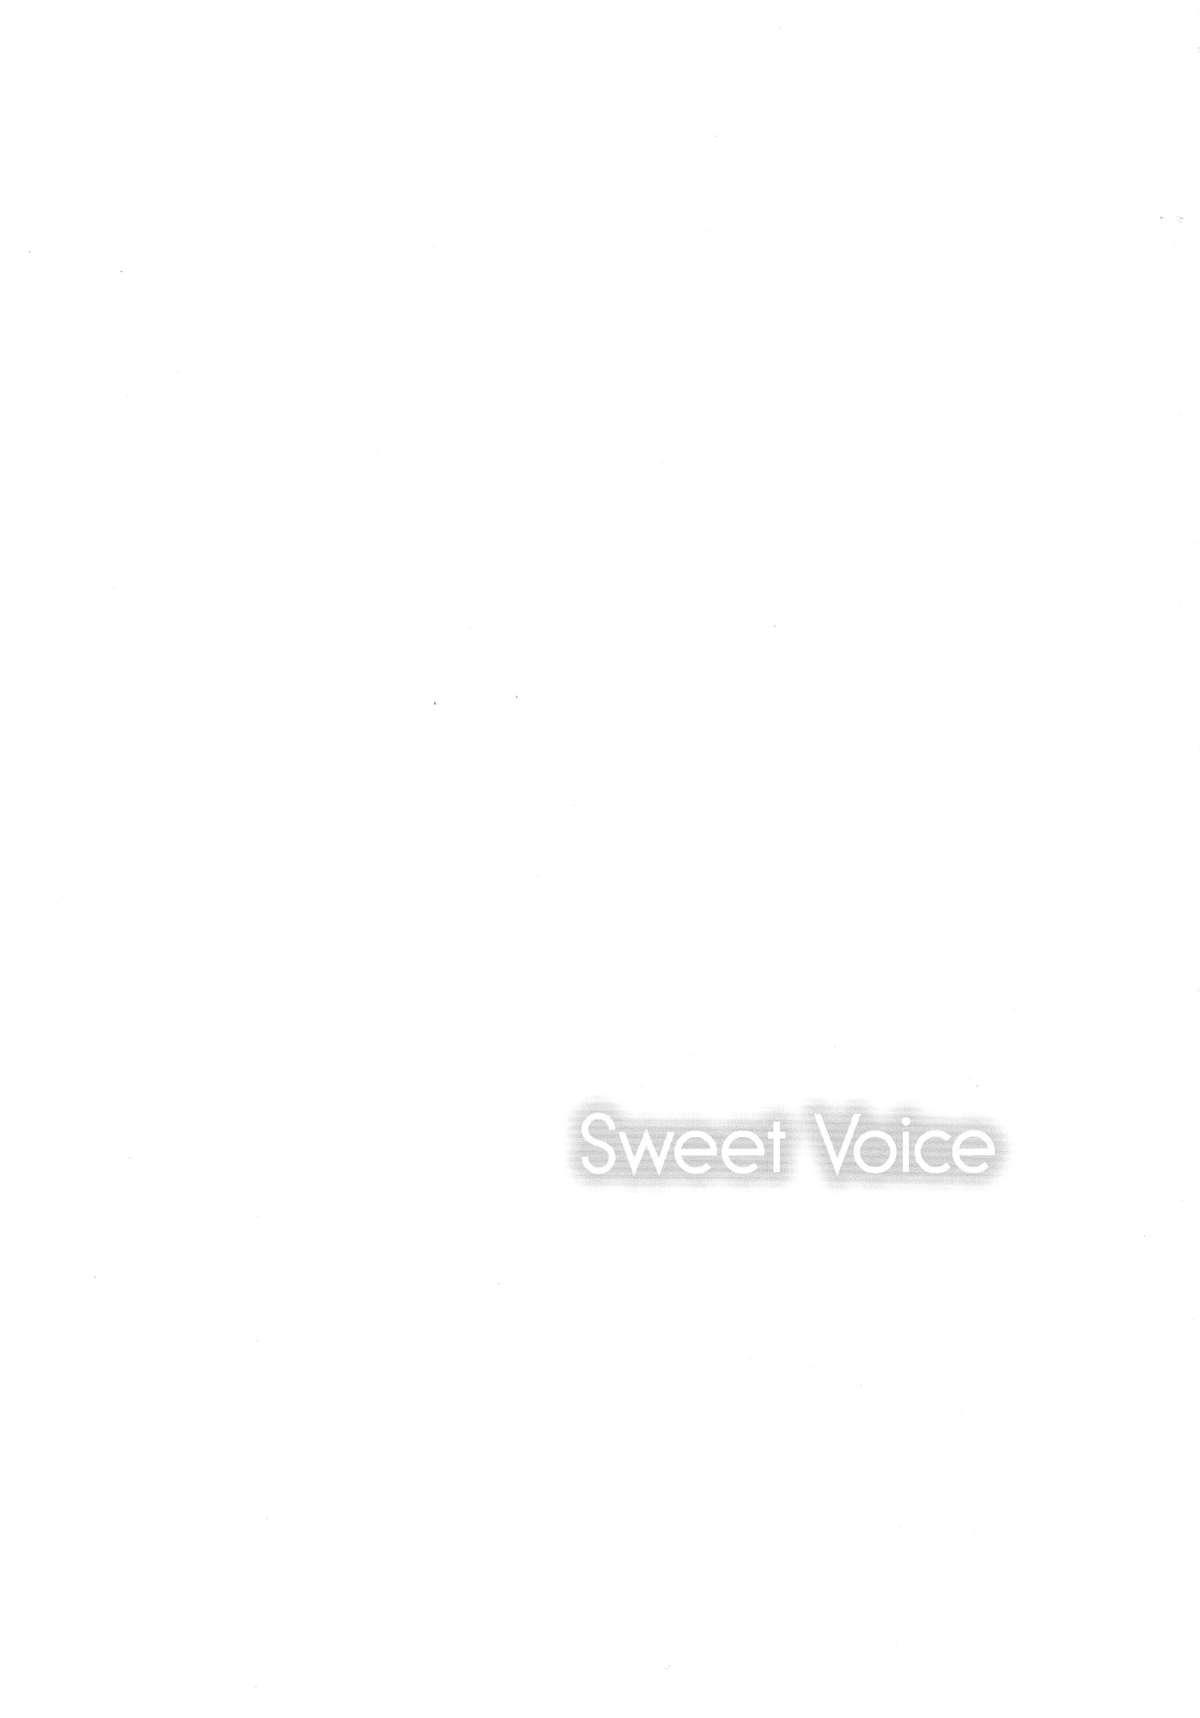 Sweet Voice 16